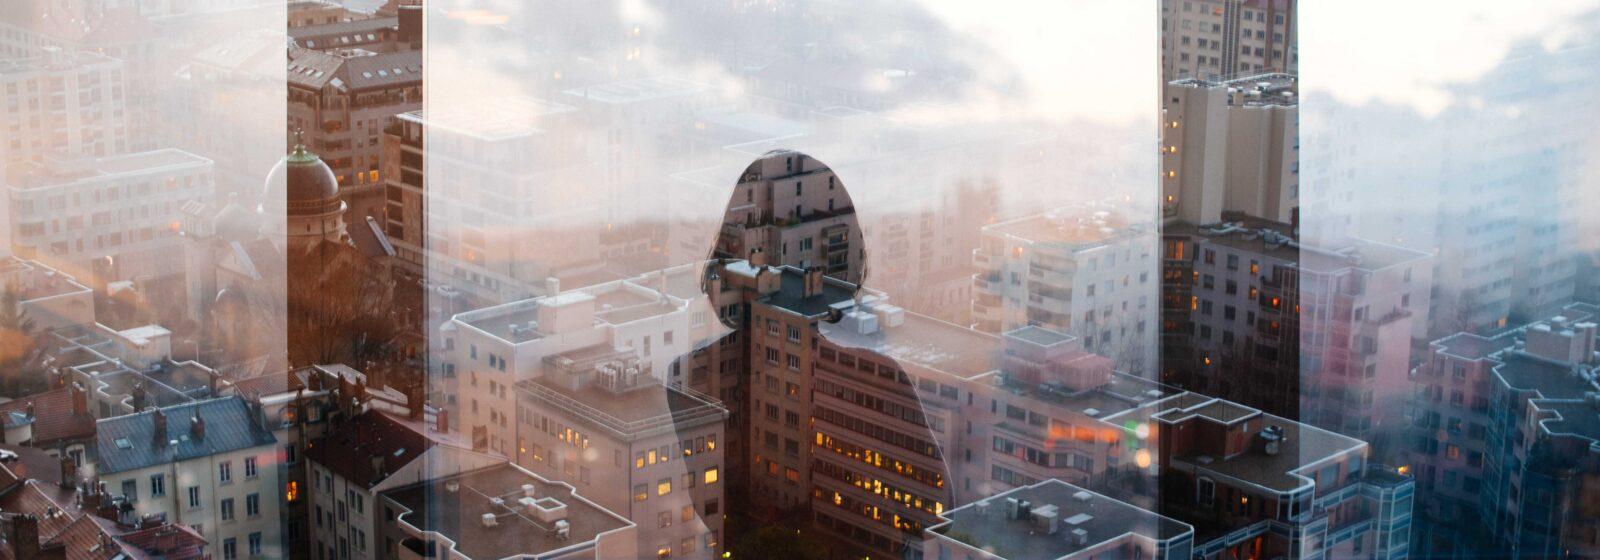 Grasboom Online thema avond 'zicht op eenzaamheid'